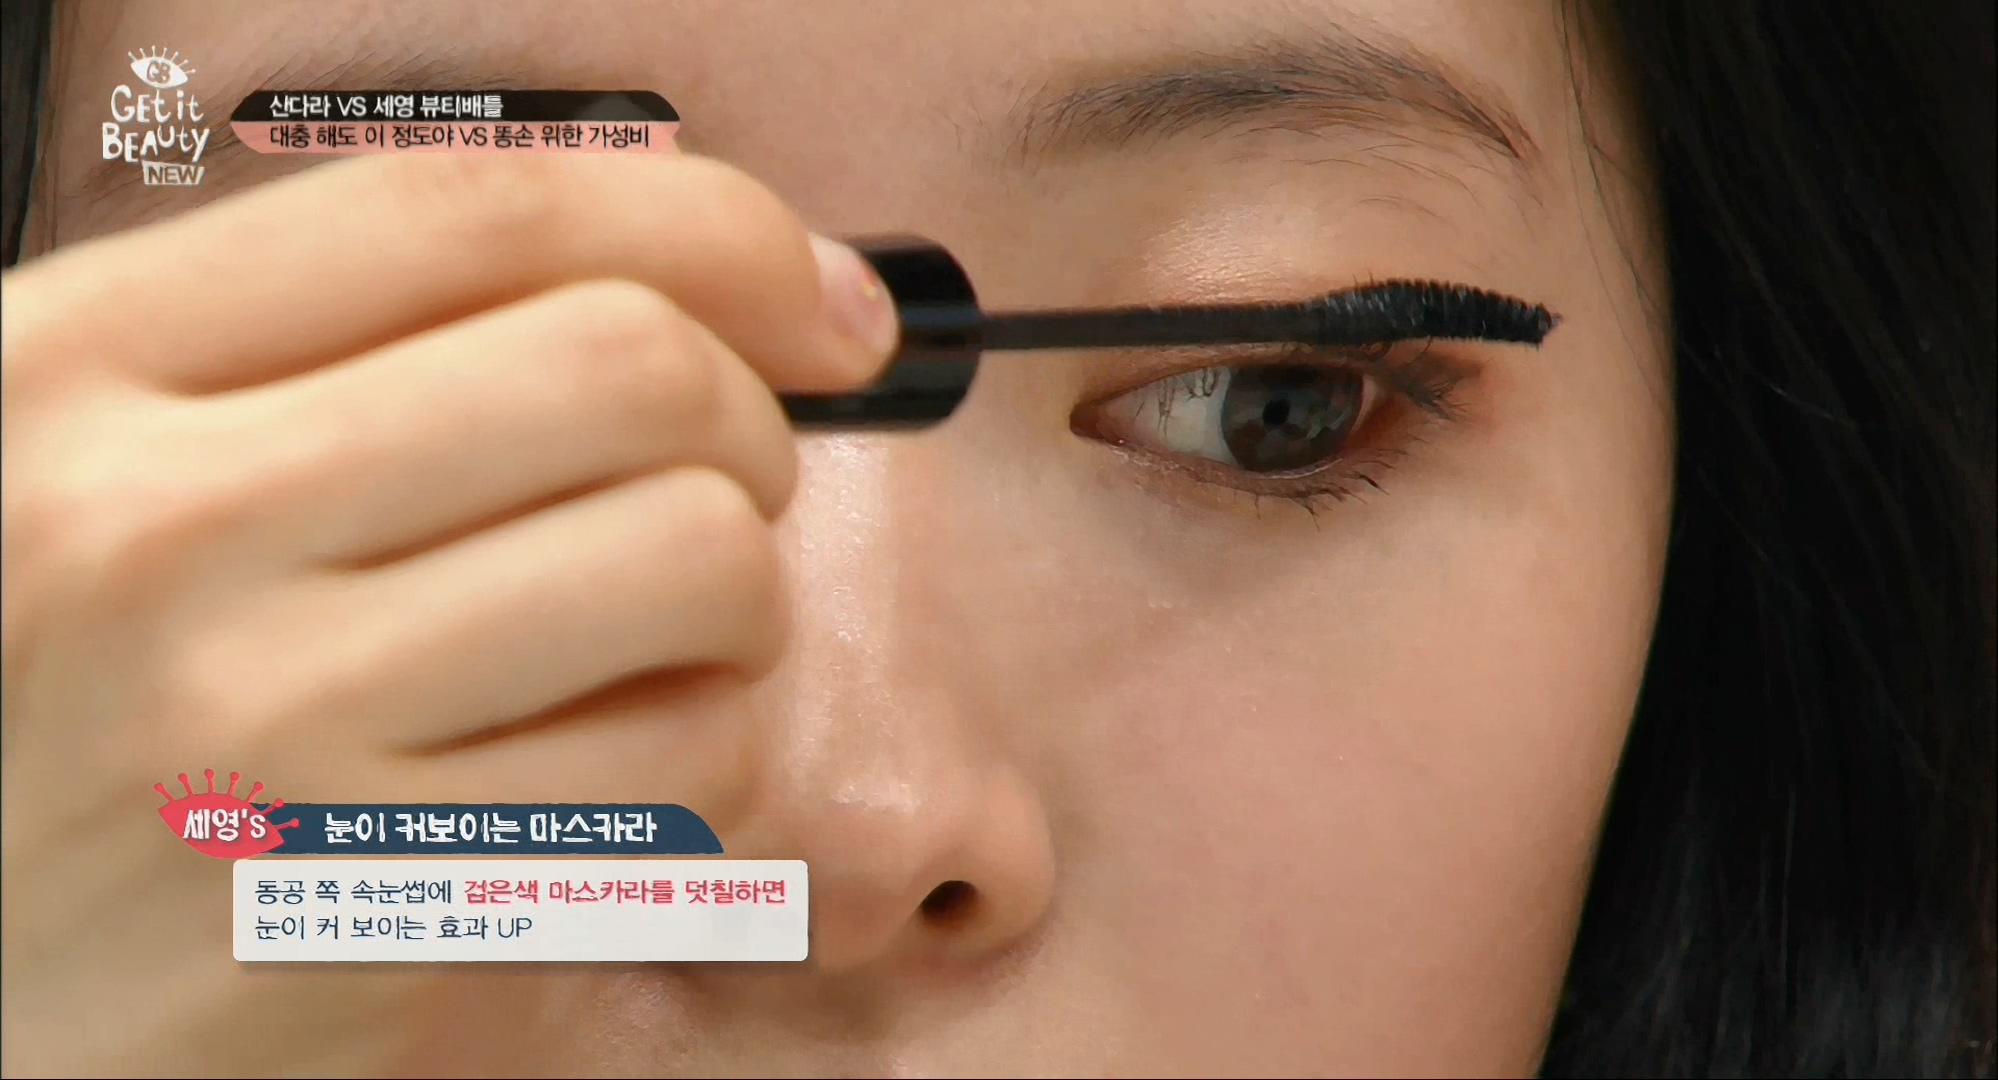 동공 쪽 속눈썹에 검은색 마스카라를 덧칠하면 눈이 커 보이는 효과가 있어요